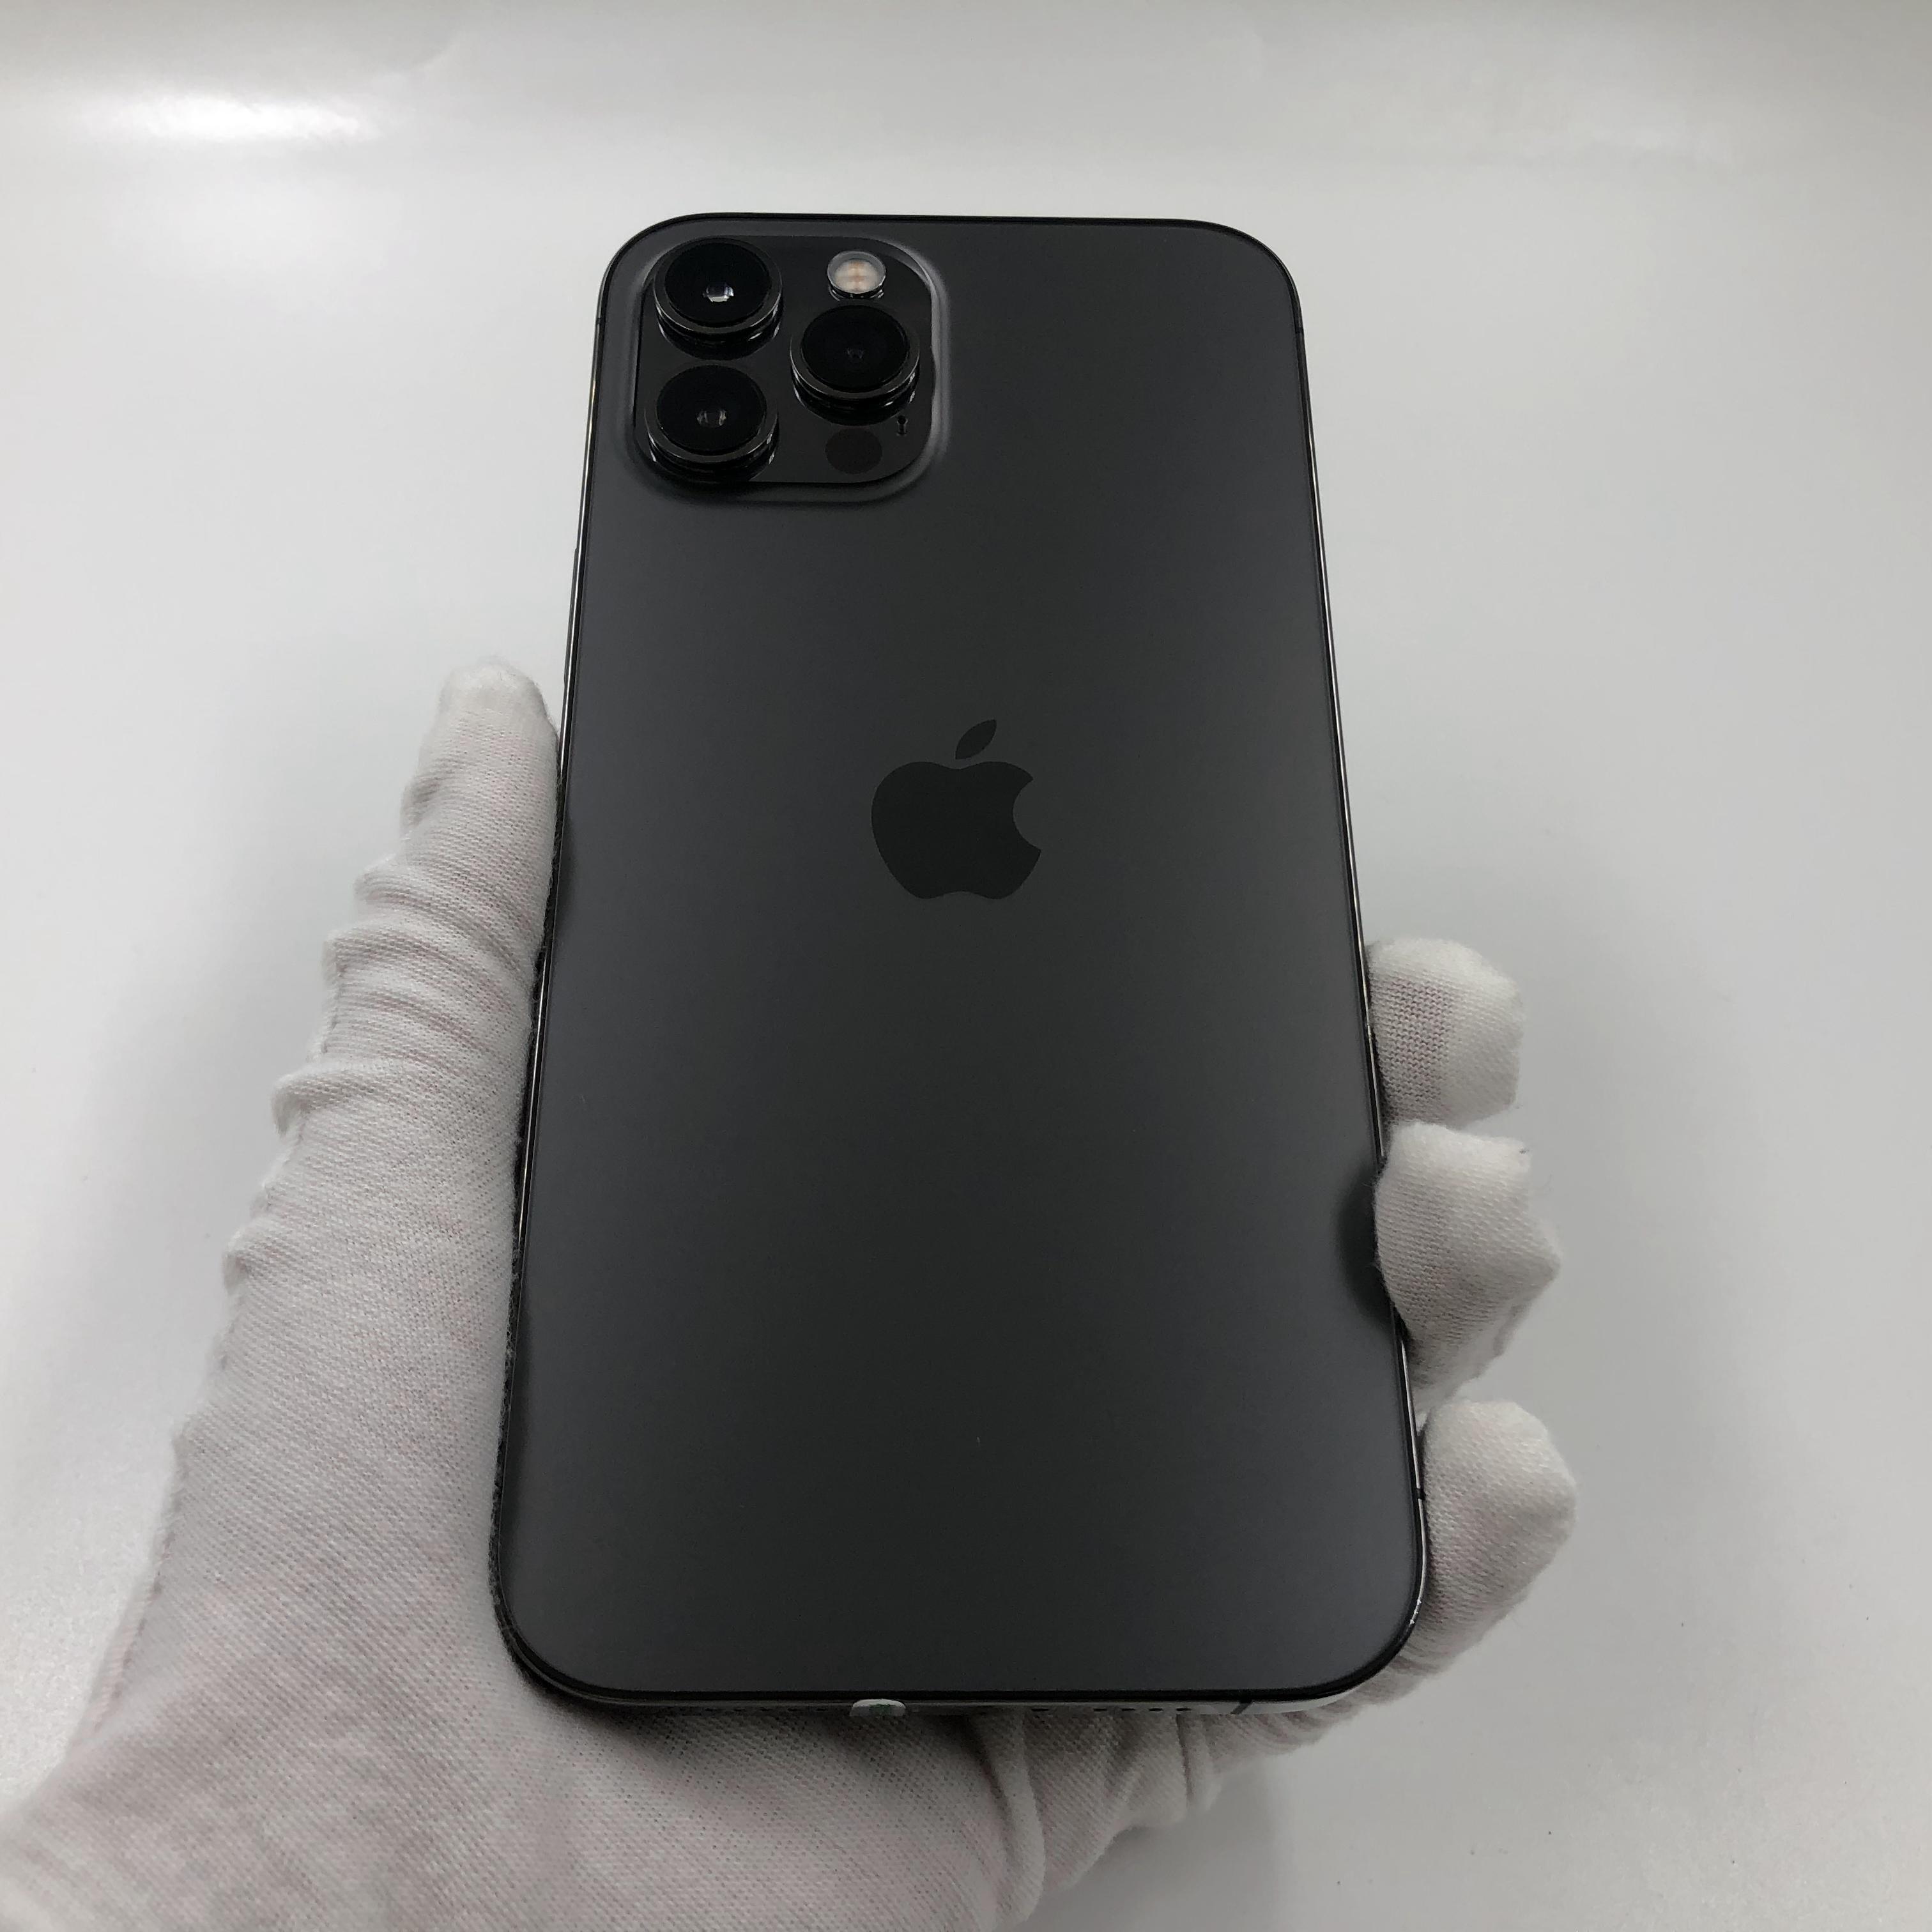 苹果【iPhone 12 Pro Max】5G全网通 石墨色 256G 国行 95新 真机实拍官保2021-12-10